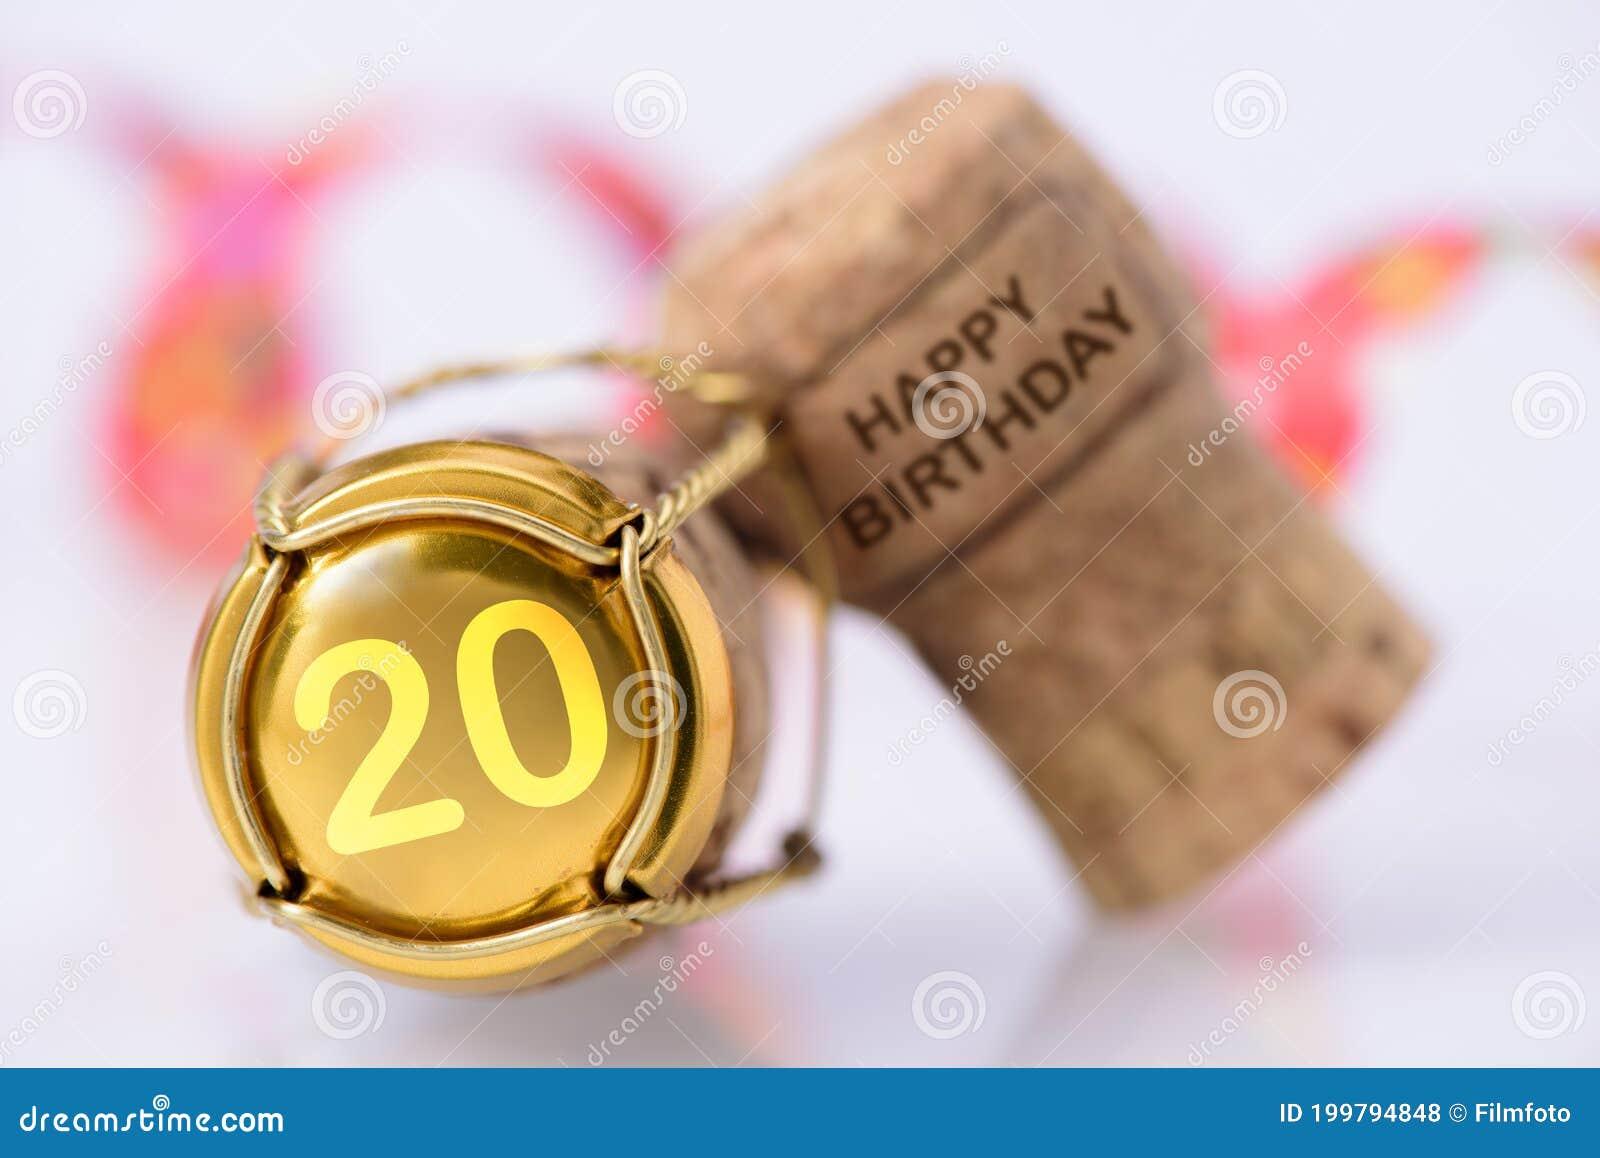 20 zum herzlichen glückwunsch Glückwünsche zum